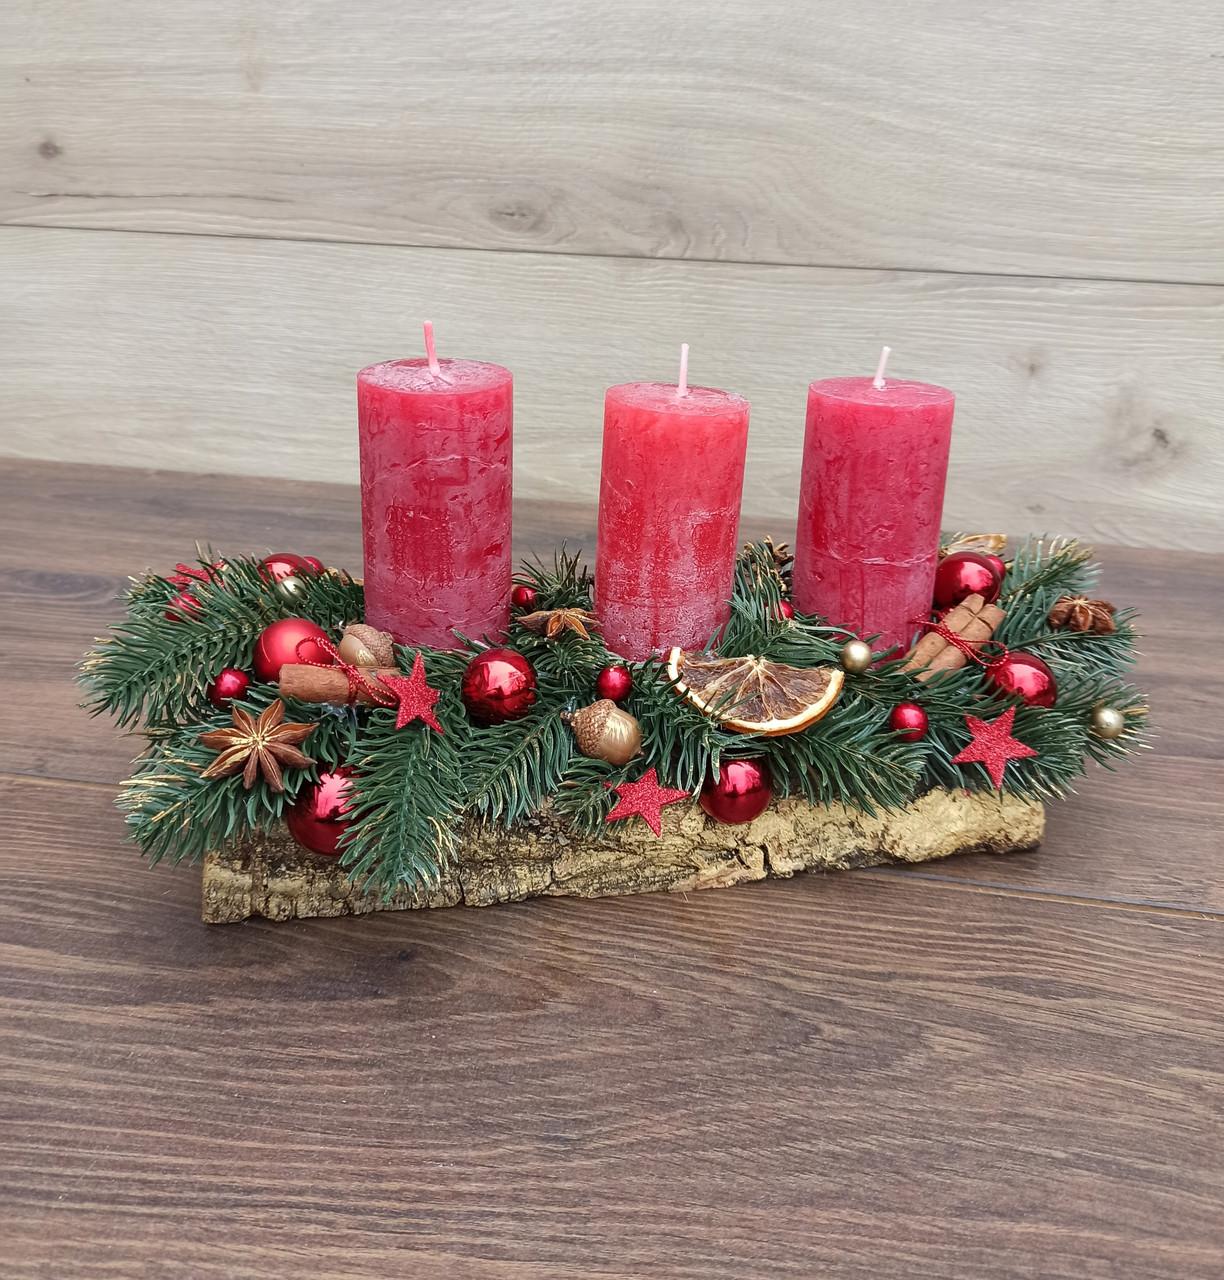 Новорічна Композиція зі свічкою на стіл, Різдвяна свічка. Підсвічник Новорічний, Різдвяний зі свічкою.